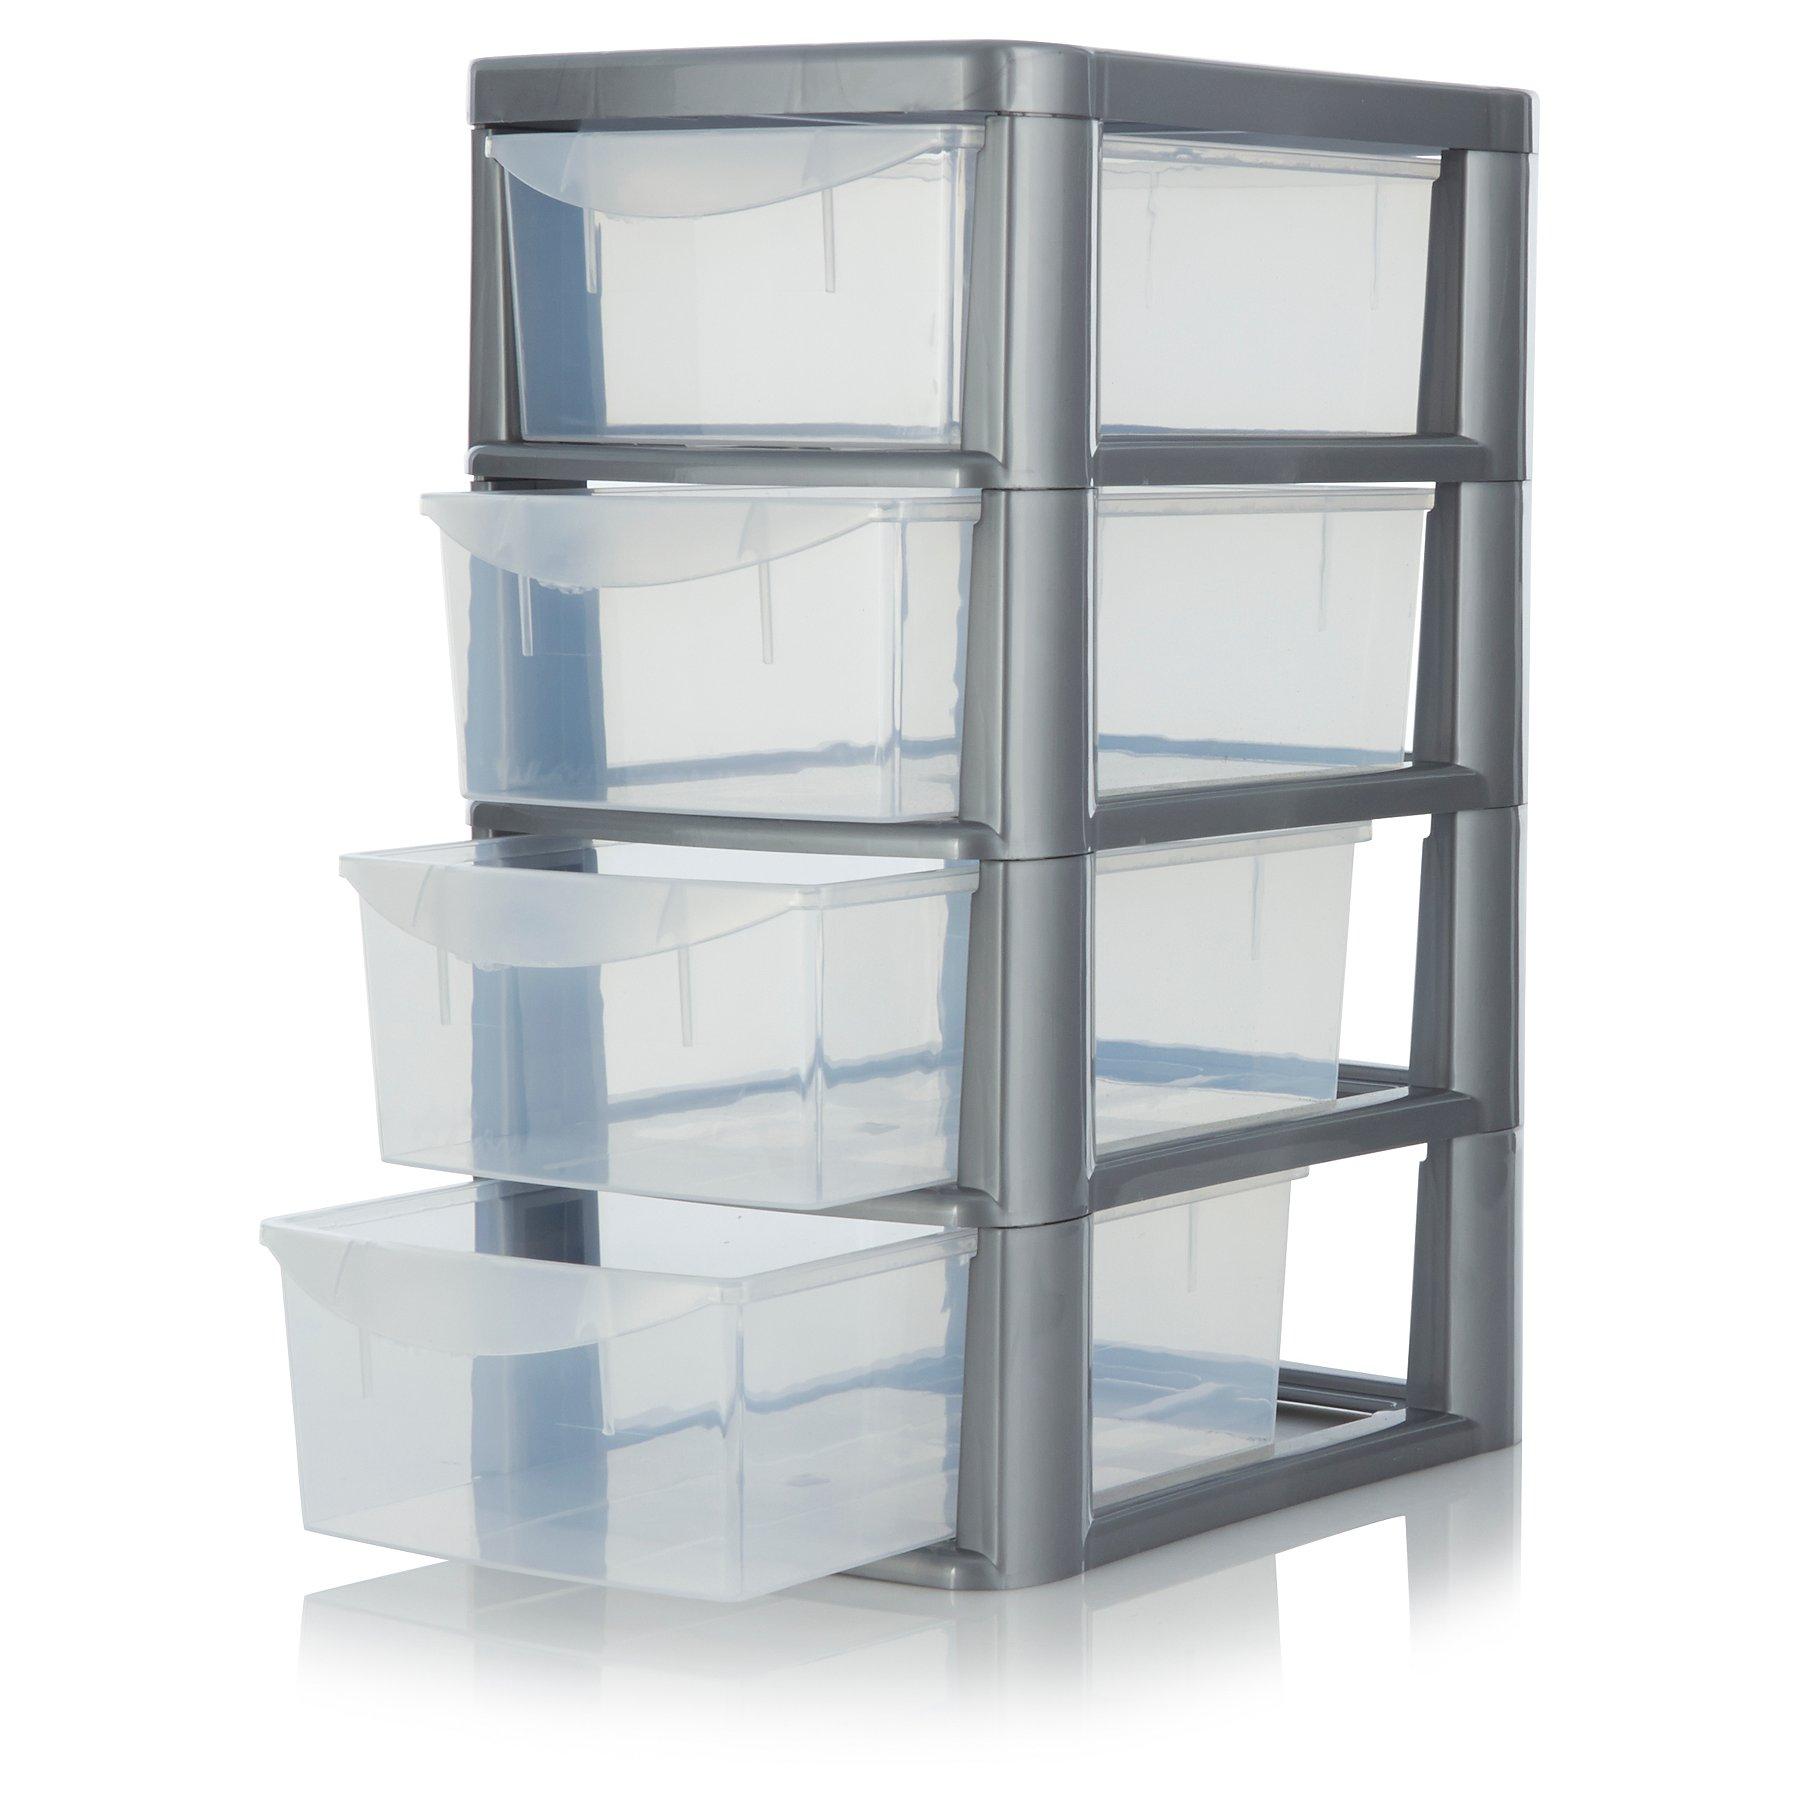 5c55c1367 ASDA 4 Drawer Storage Unit | Home & Garden | George at ASDA